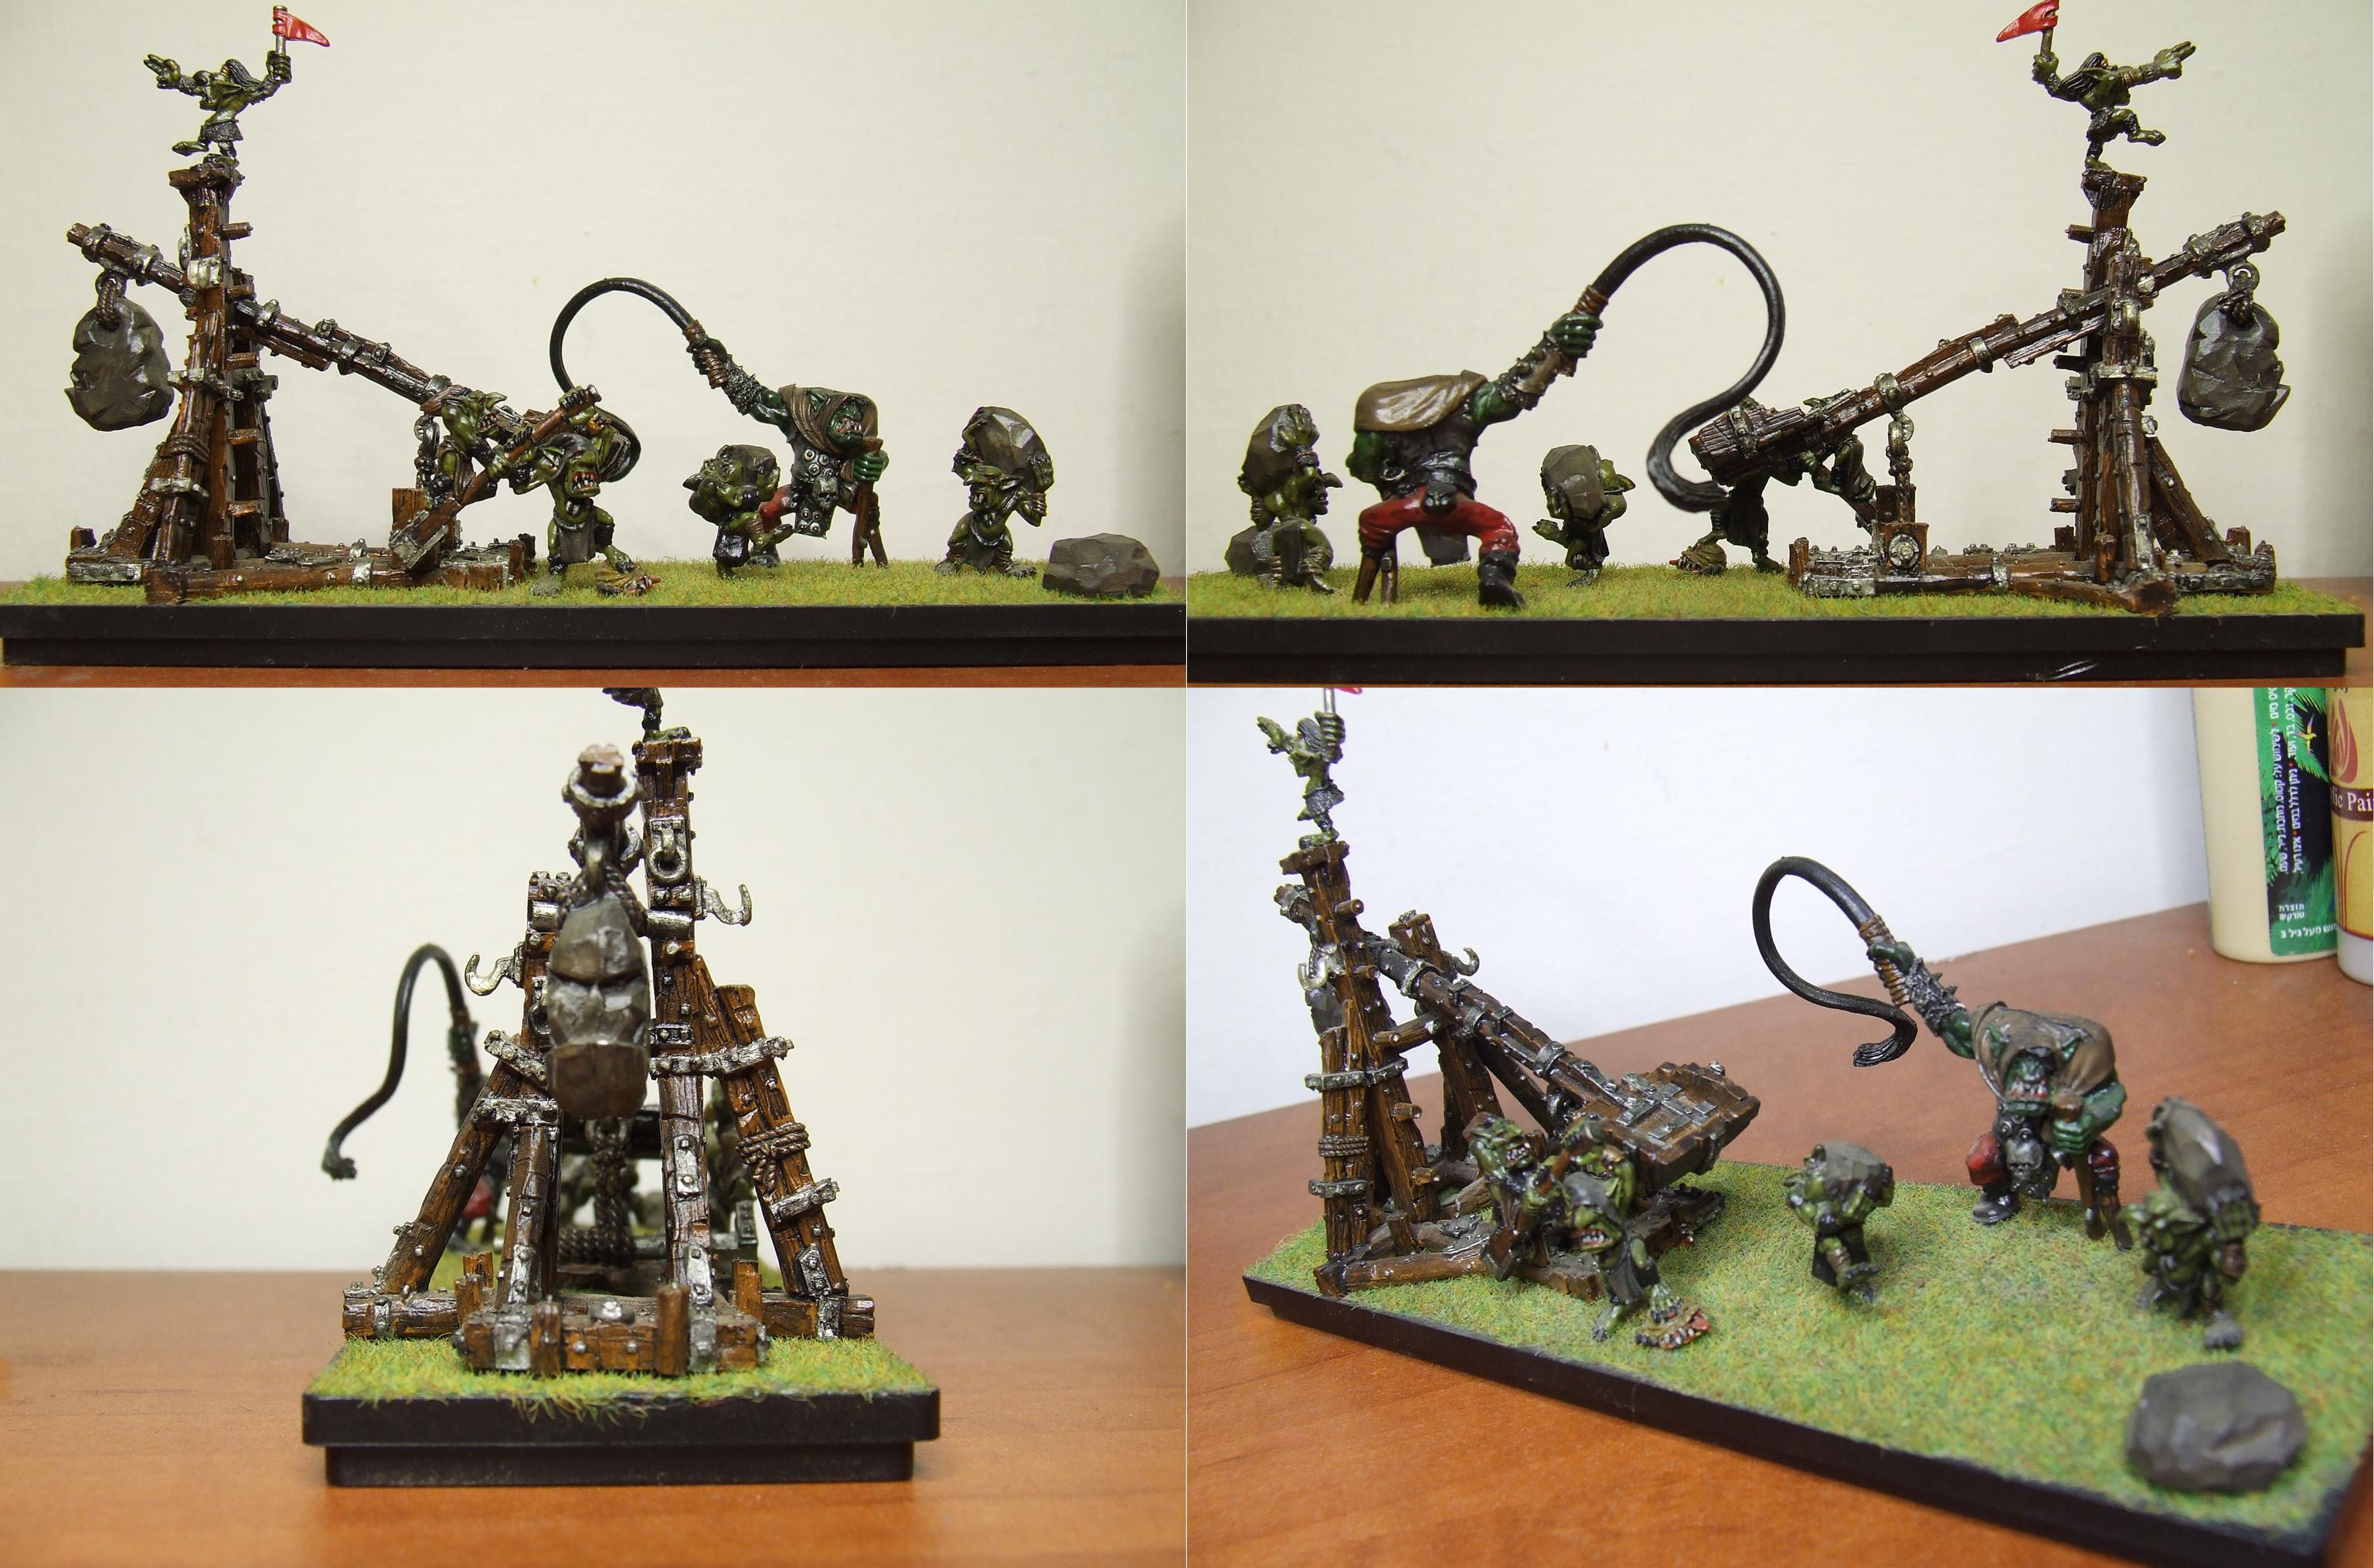 Goblins, Orcs, War Machine, Warhammer Fantasy